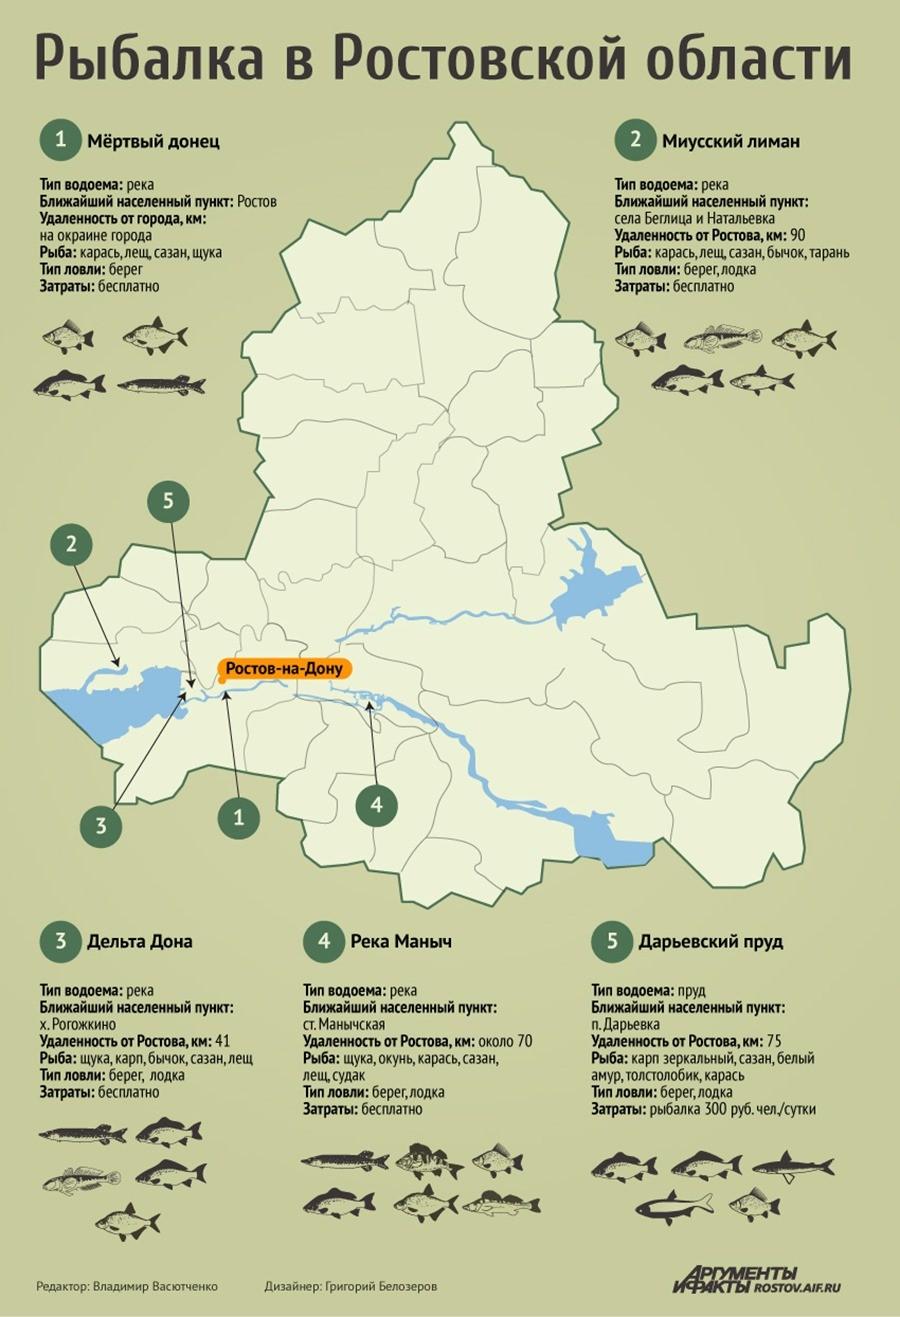 Карта рыболовных мест Ростовской области